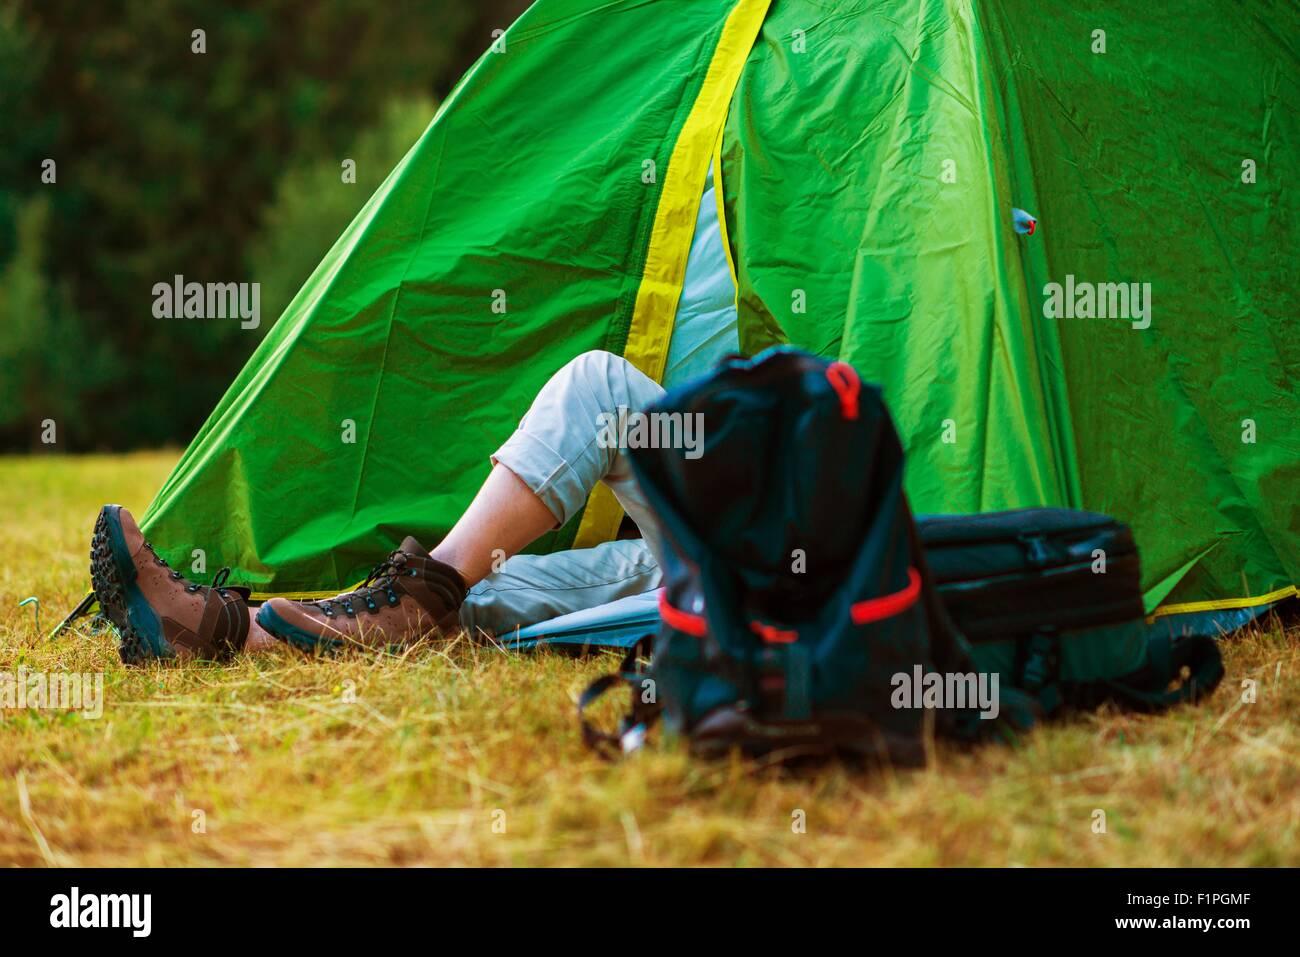 Randonneur au repos dans sa tente, de taille moyenne. Camping sauvage. Randonnées et Camping tente Thème. Photo Stock